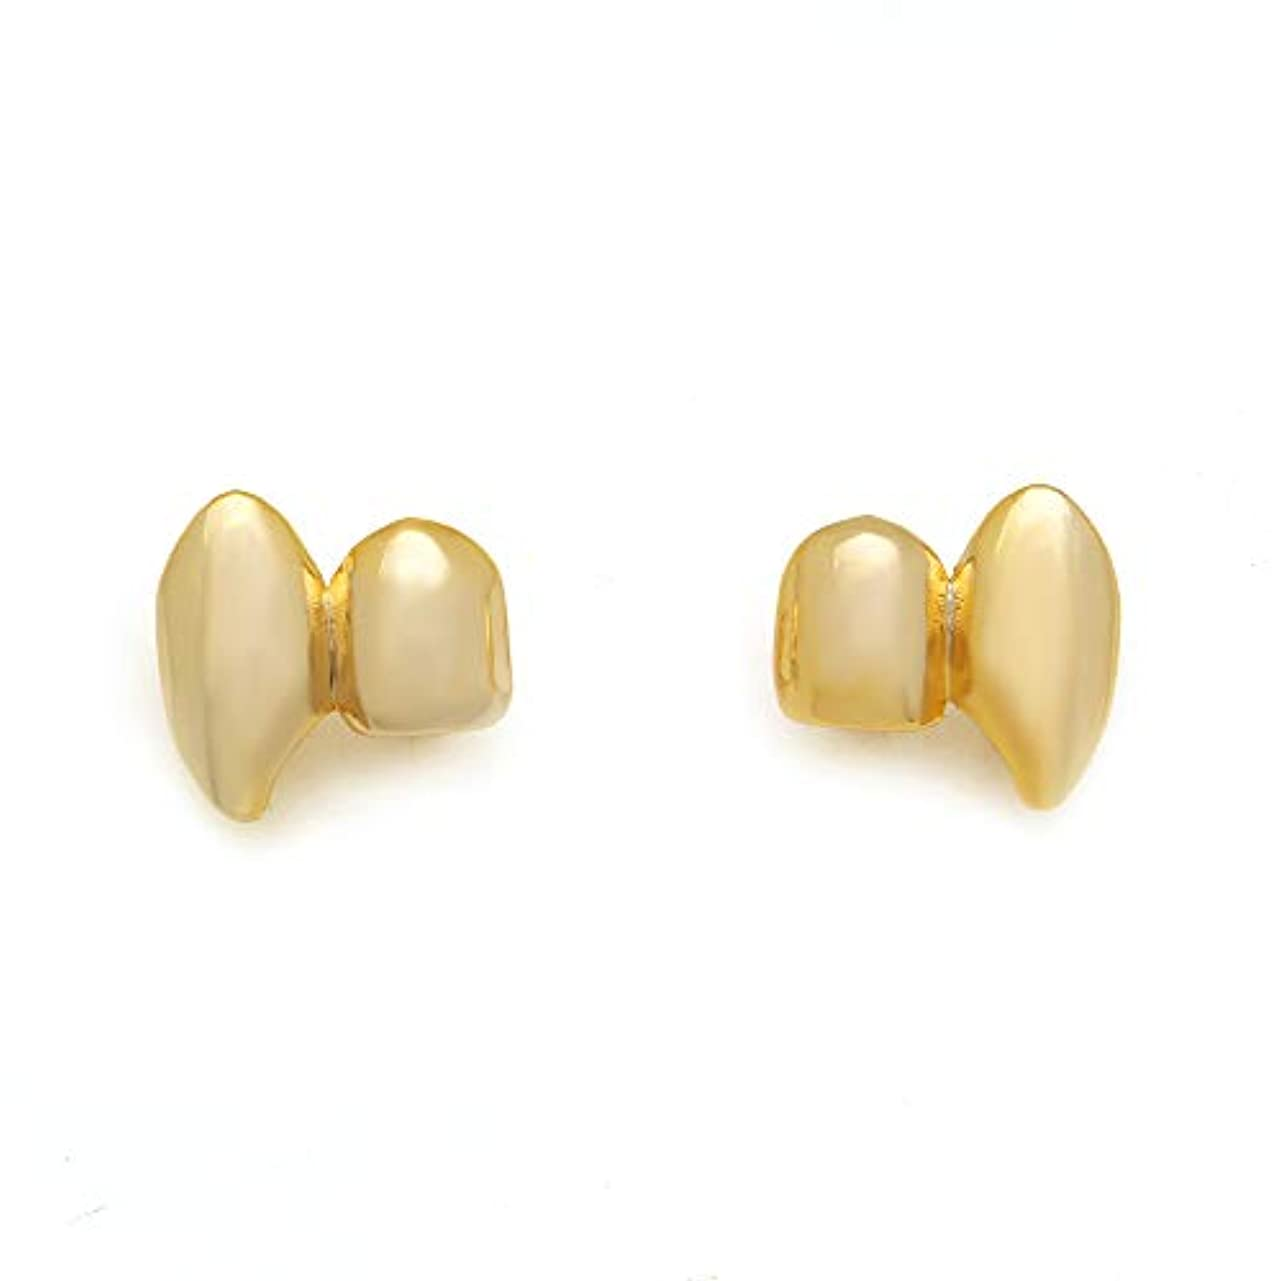 出費結婚専制歯のグリル 歯のグリル光沢のある二歯ヒップホップの歯のグリル二重歯の吸血鬼の牙グリルHolleweenのギフトのための1つのサイズ (色 : ゴールド)